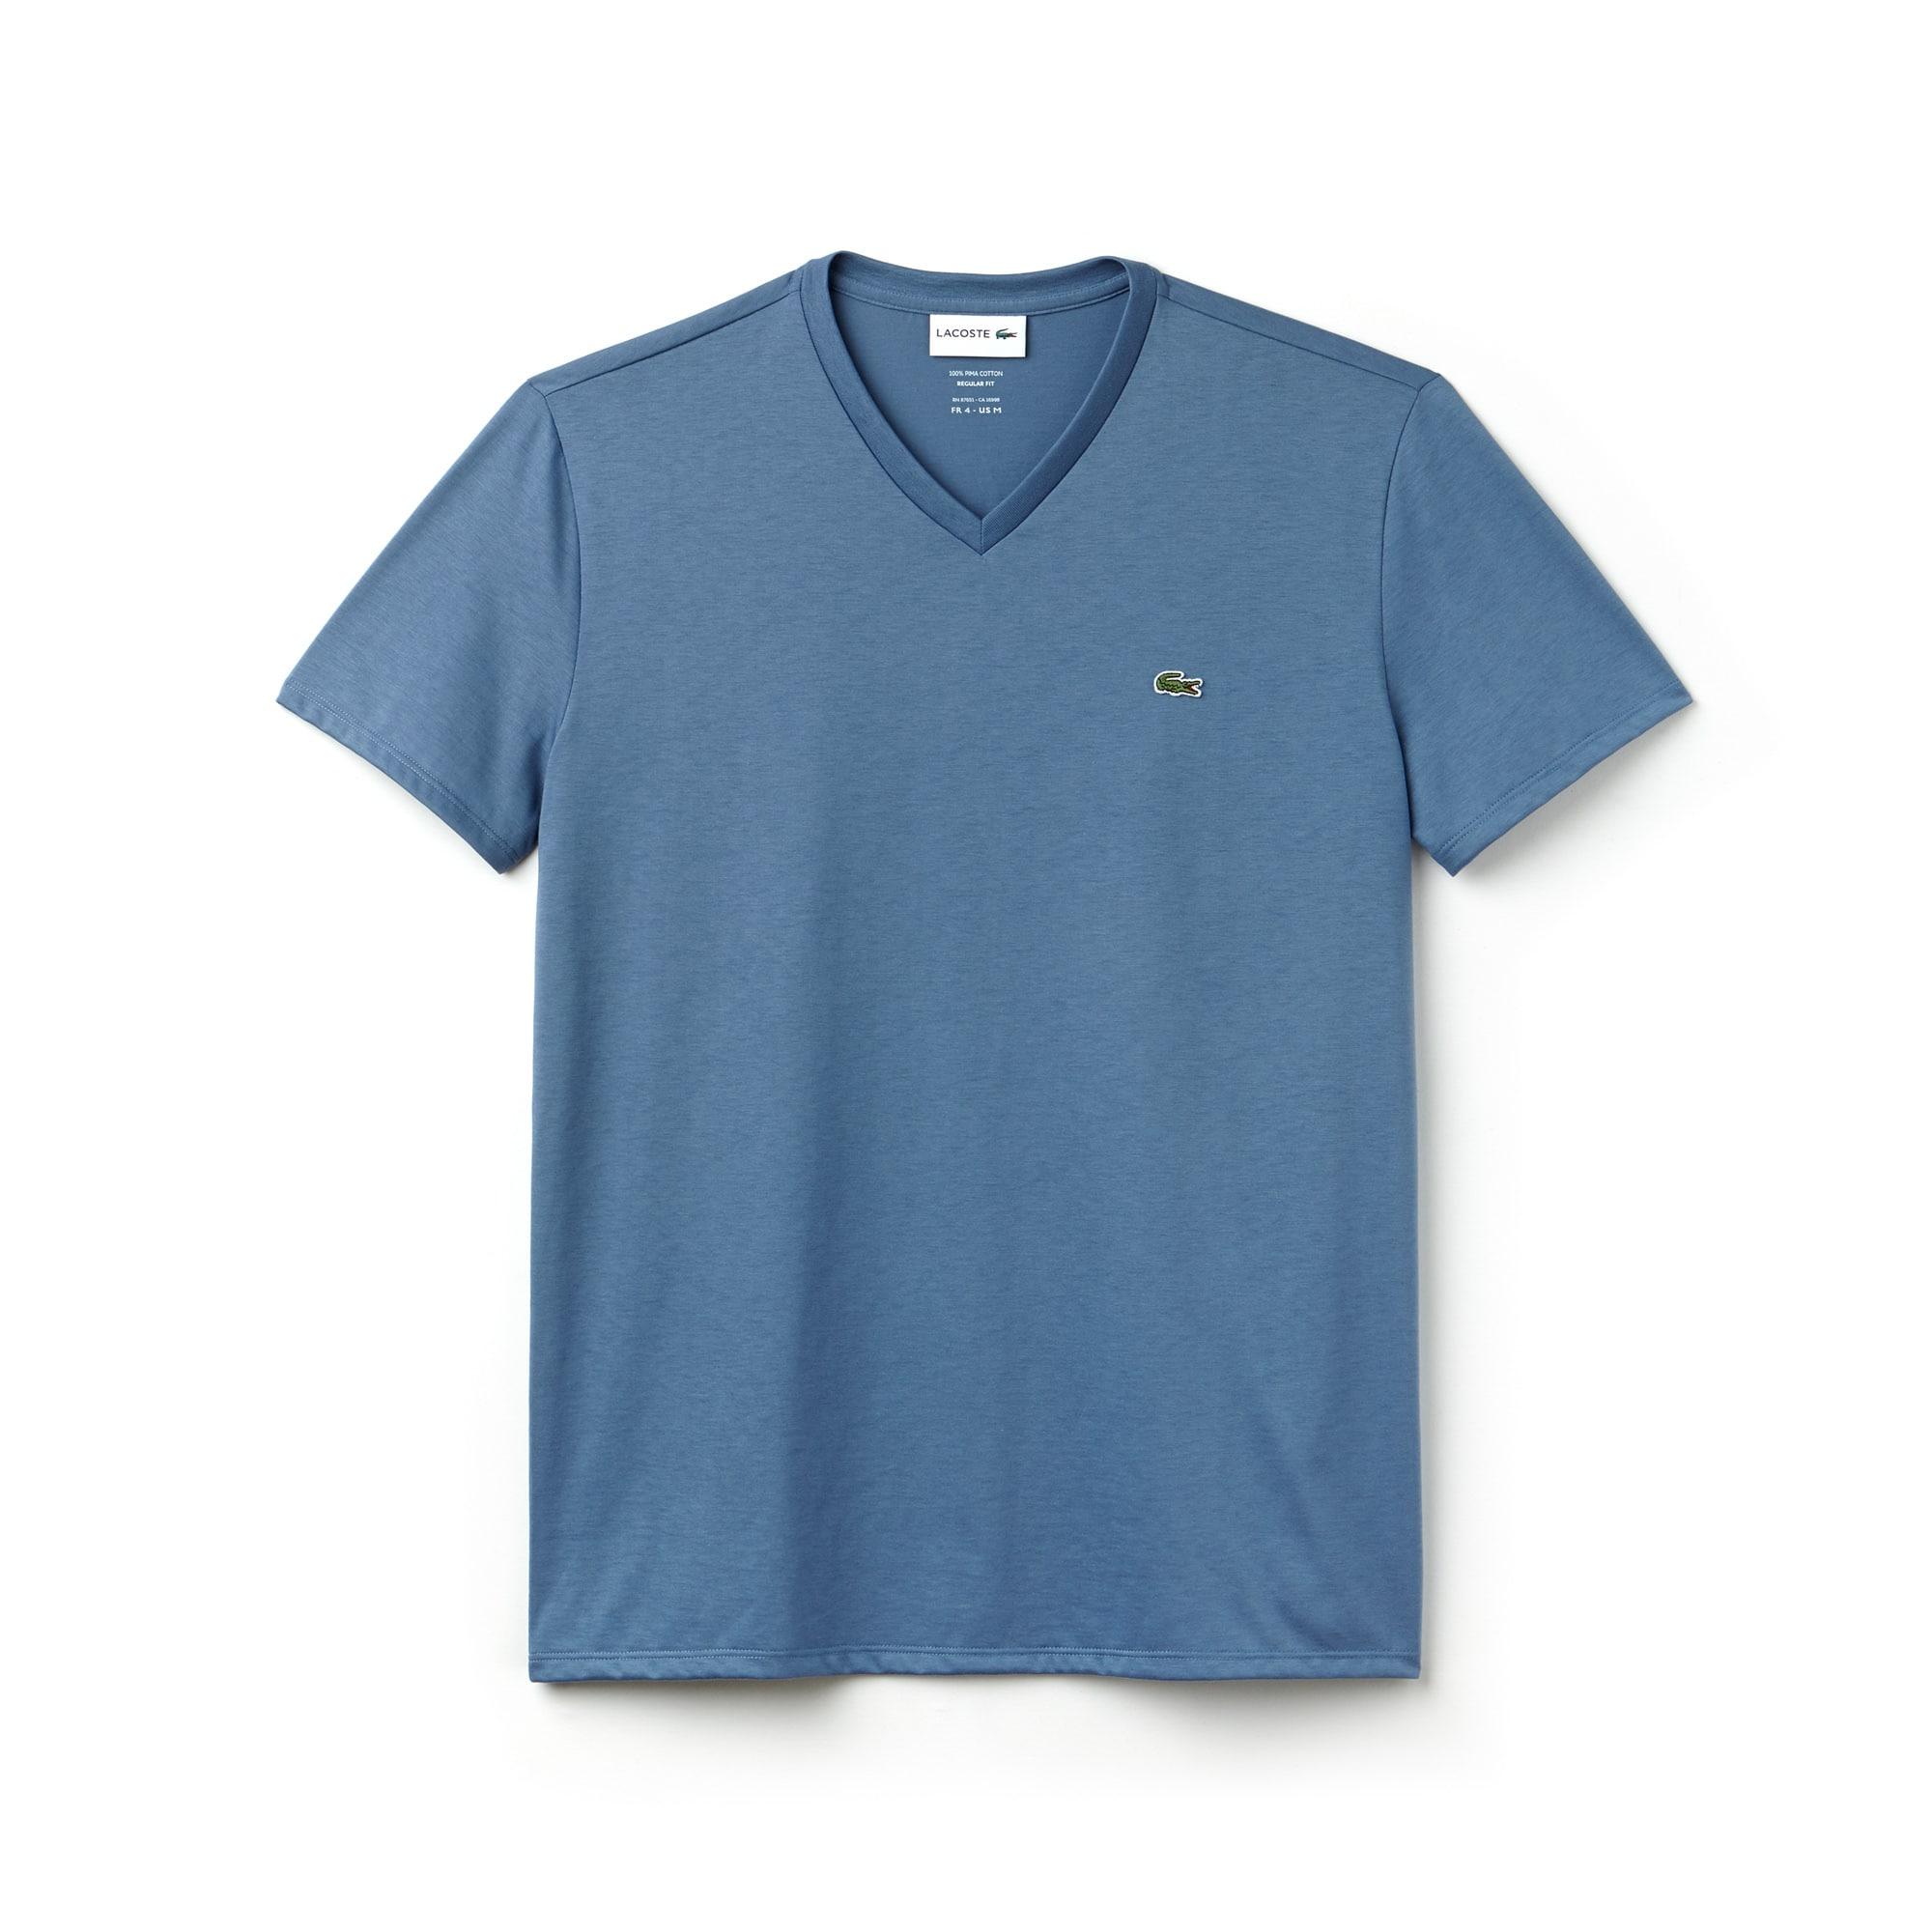 Herren-Shirt aus Pima-Baumwolljersey mit V-Ausschnitt